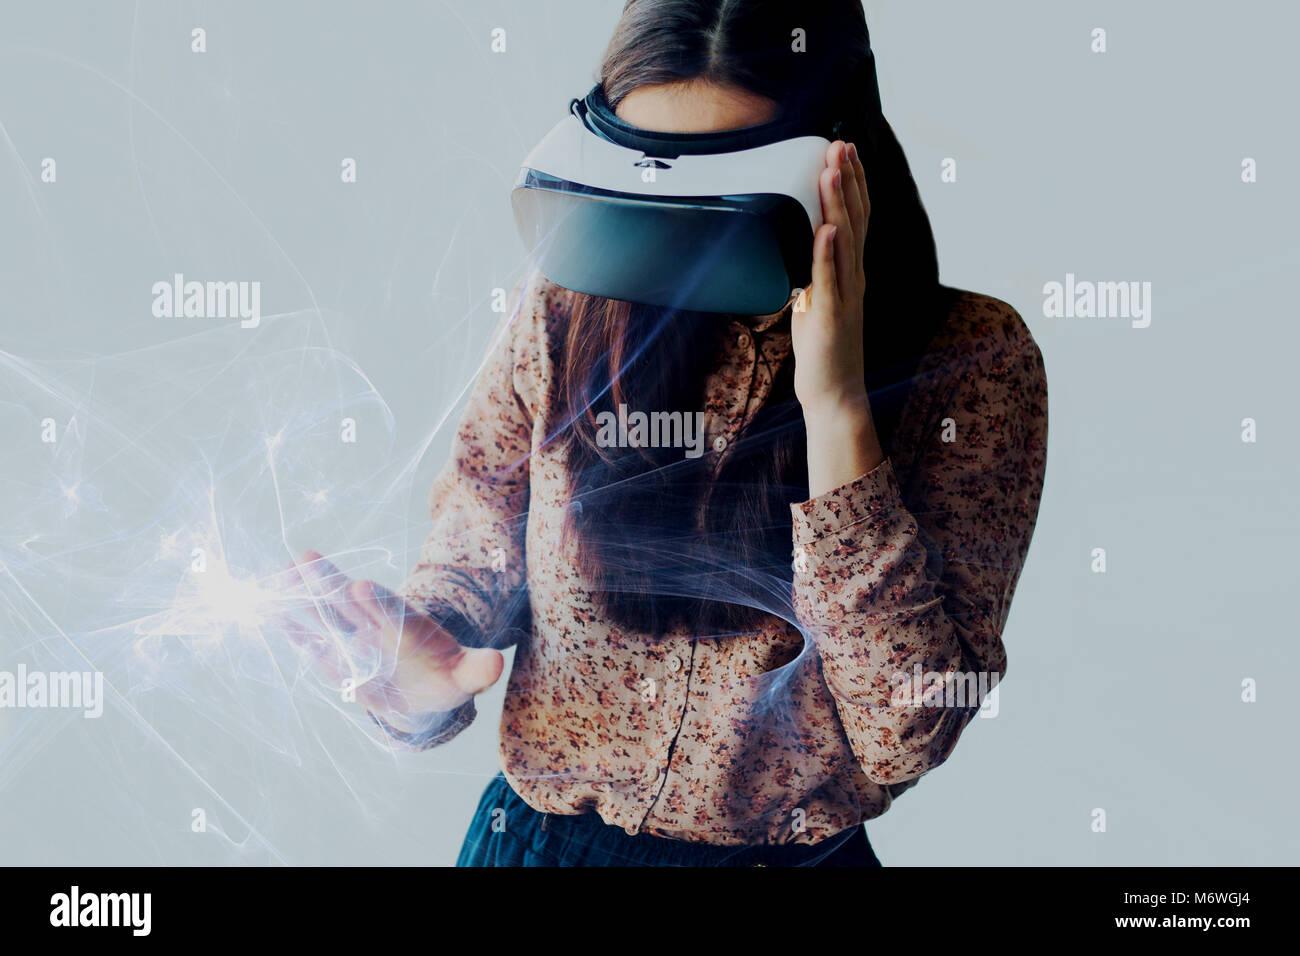 La donna con gli occhiali di realtà virtuale. La tecnologia del futuro concetto. Moderna tecnologia di imaging Immagini Stock